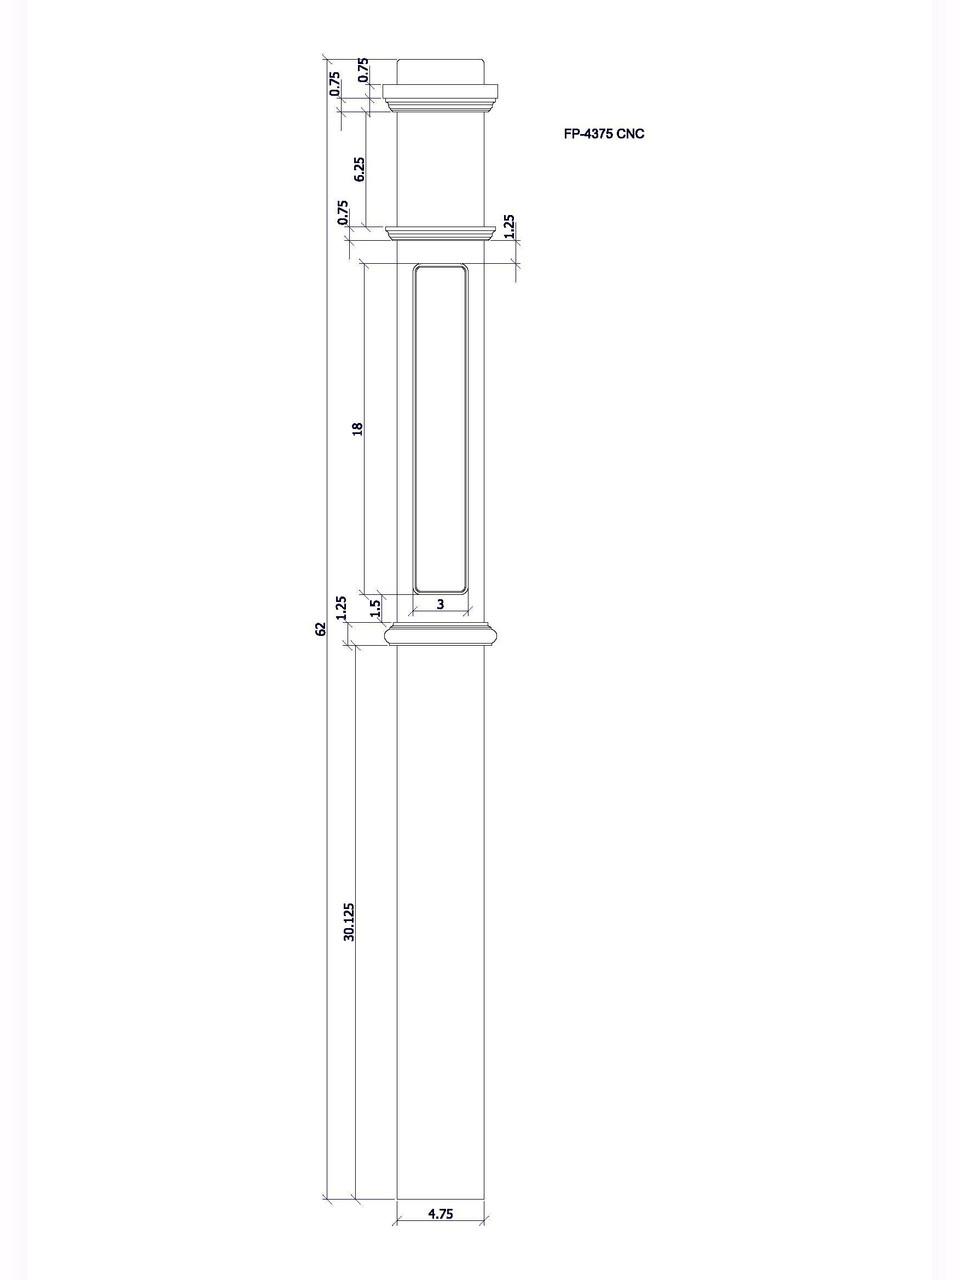 FP-4375 CNC Flat Panel Box Newel Post, CADD Image